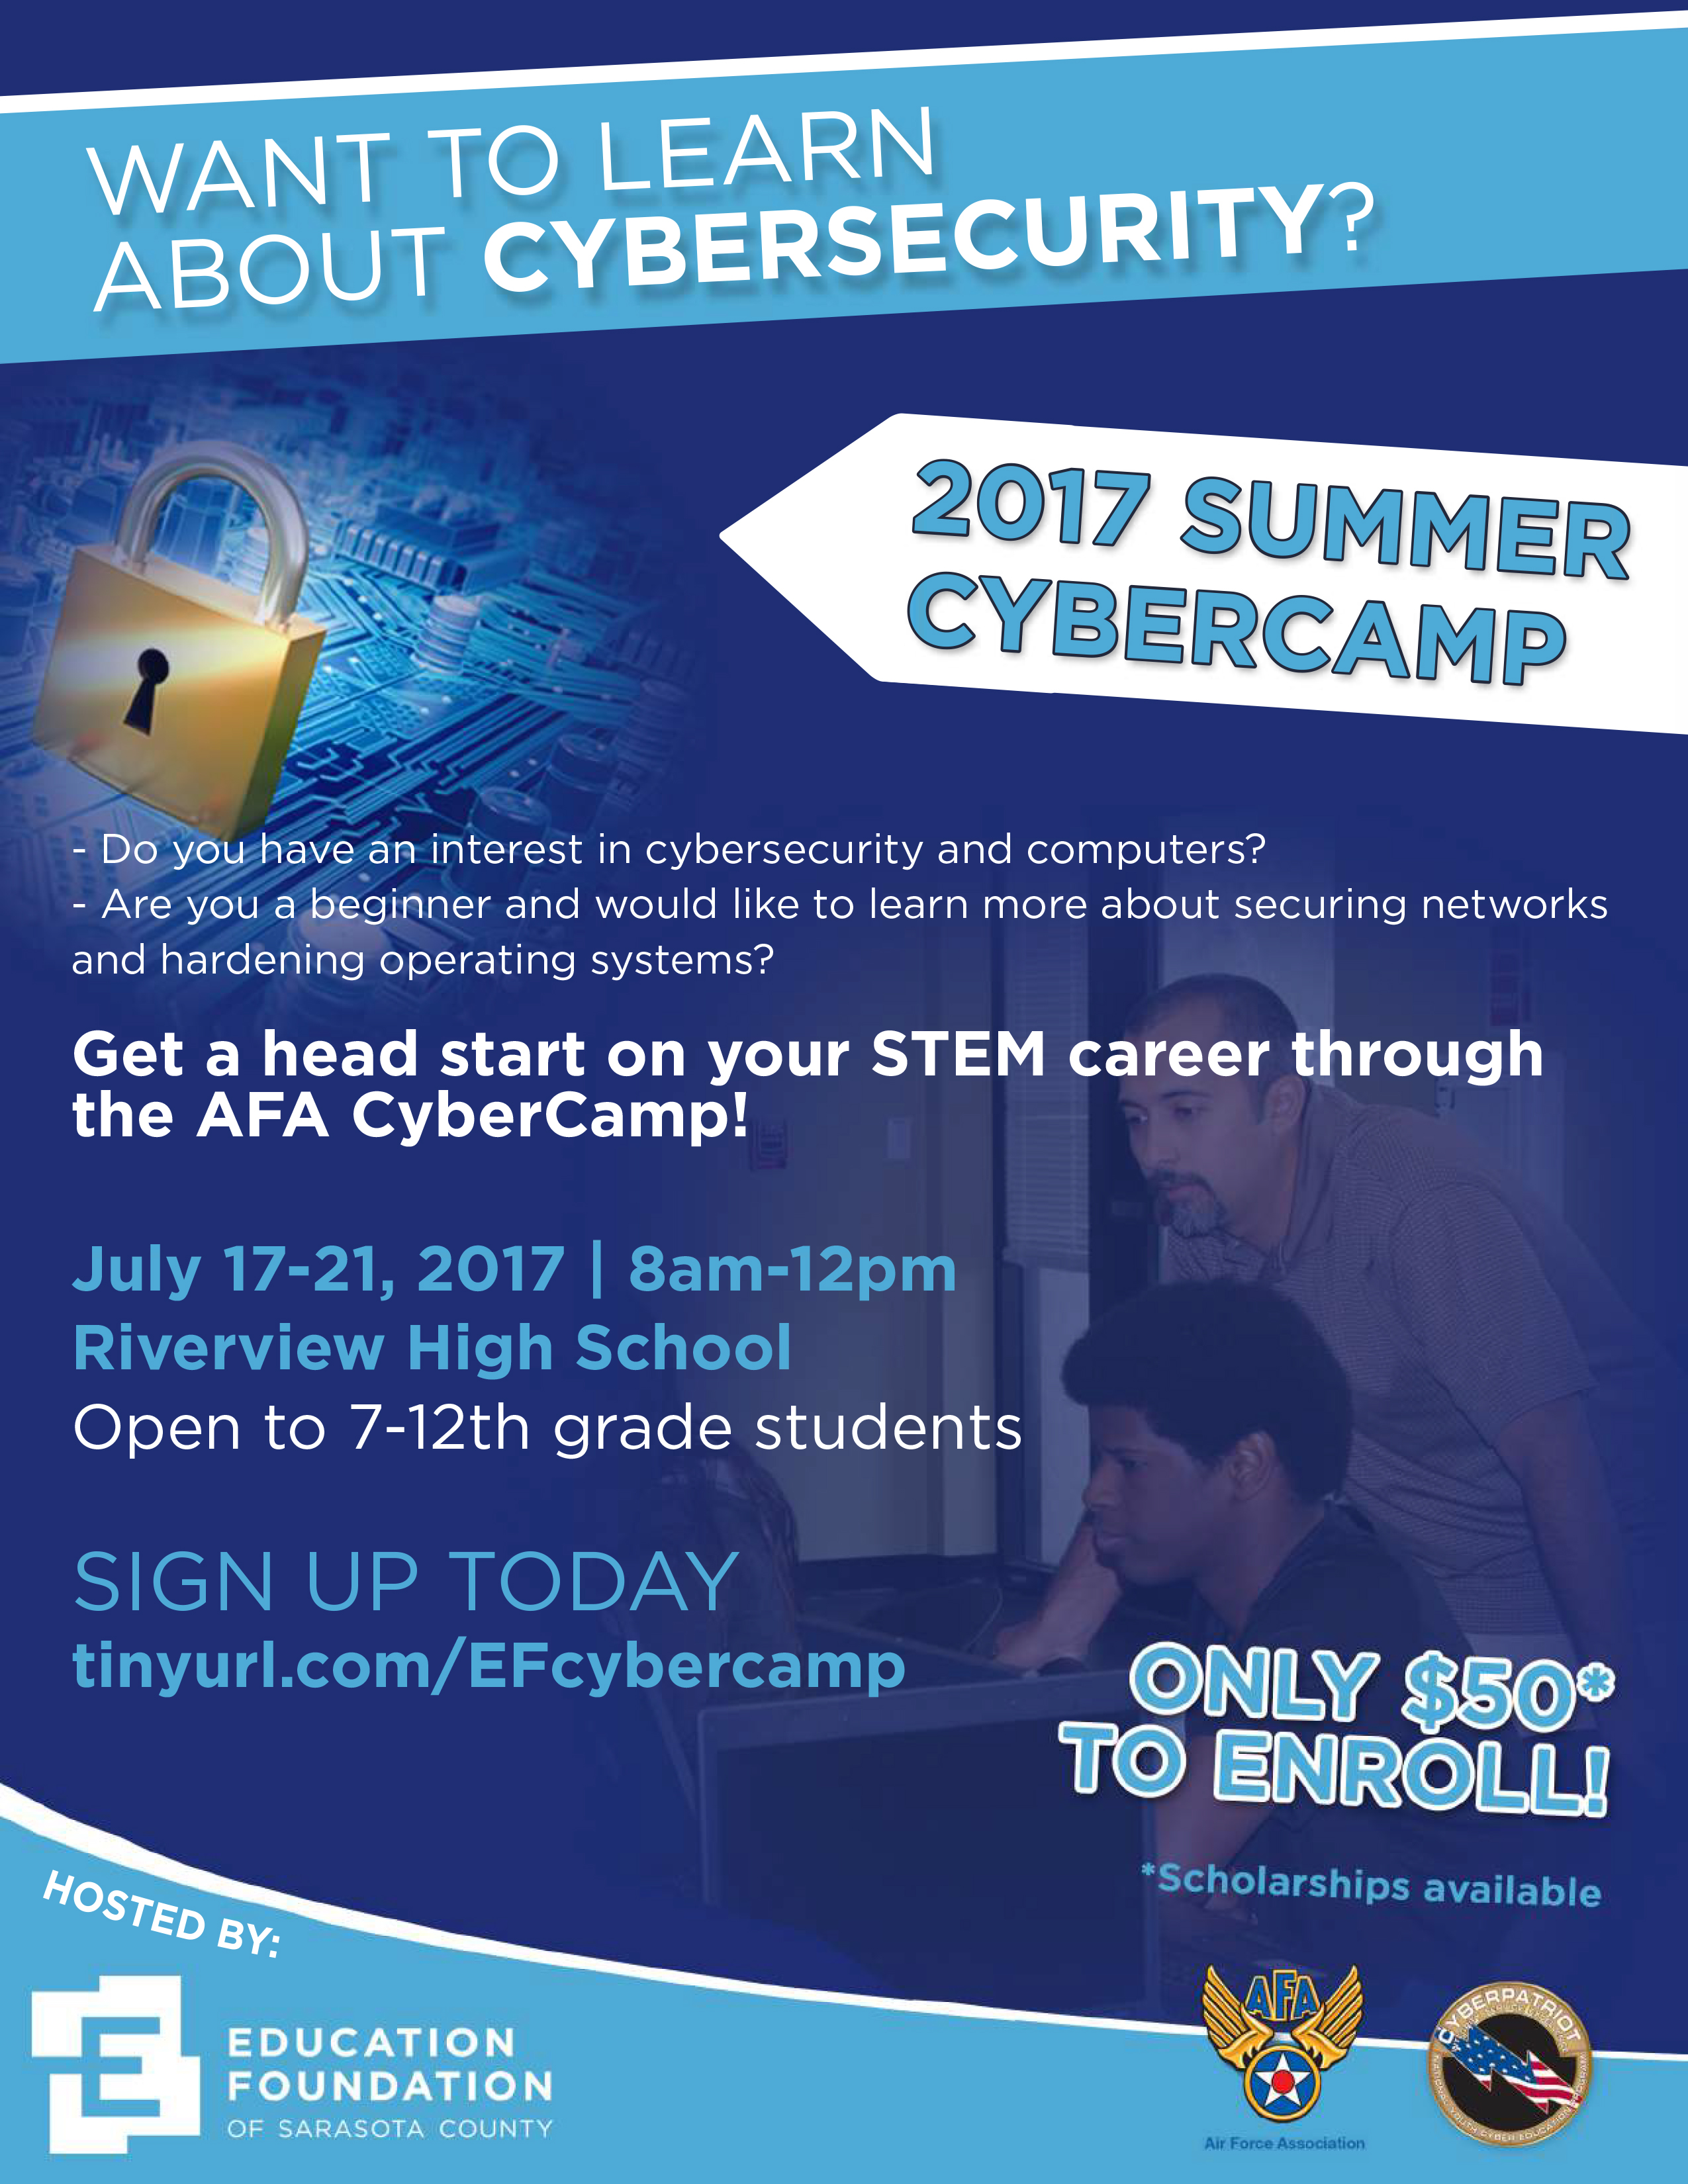 AFA CyberCamp